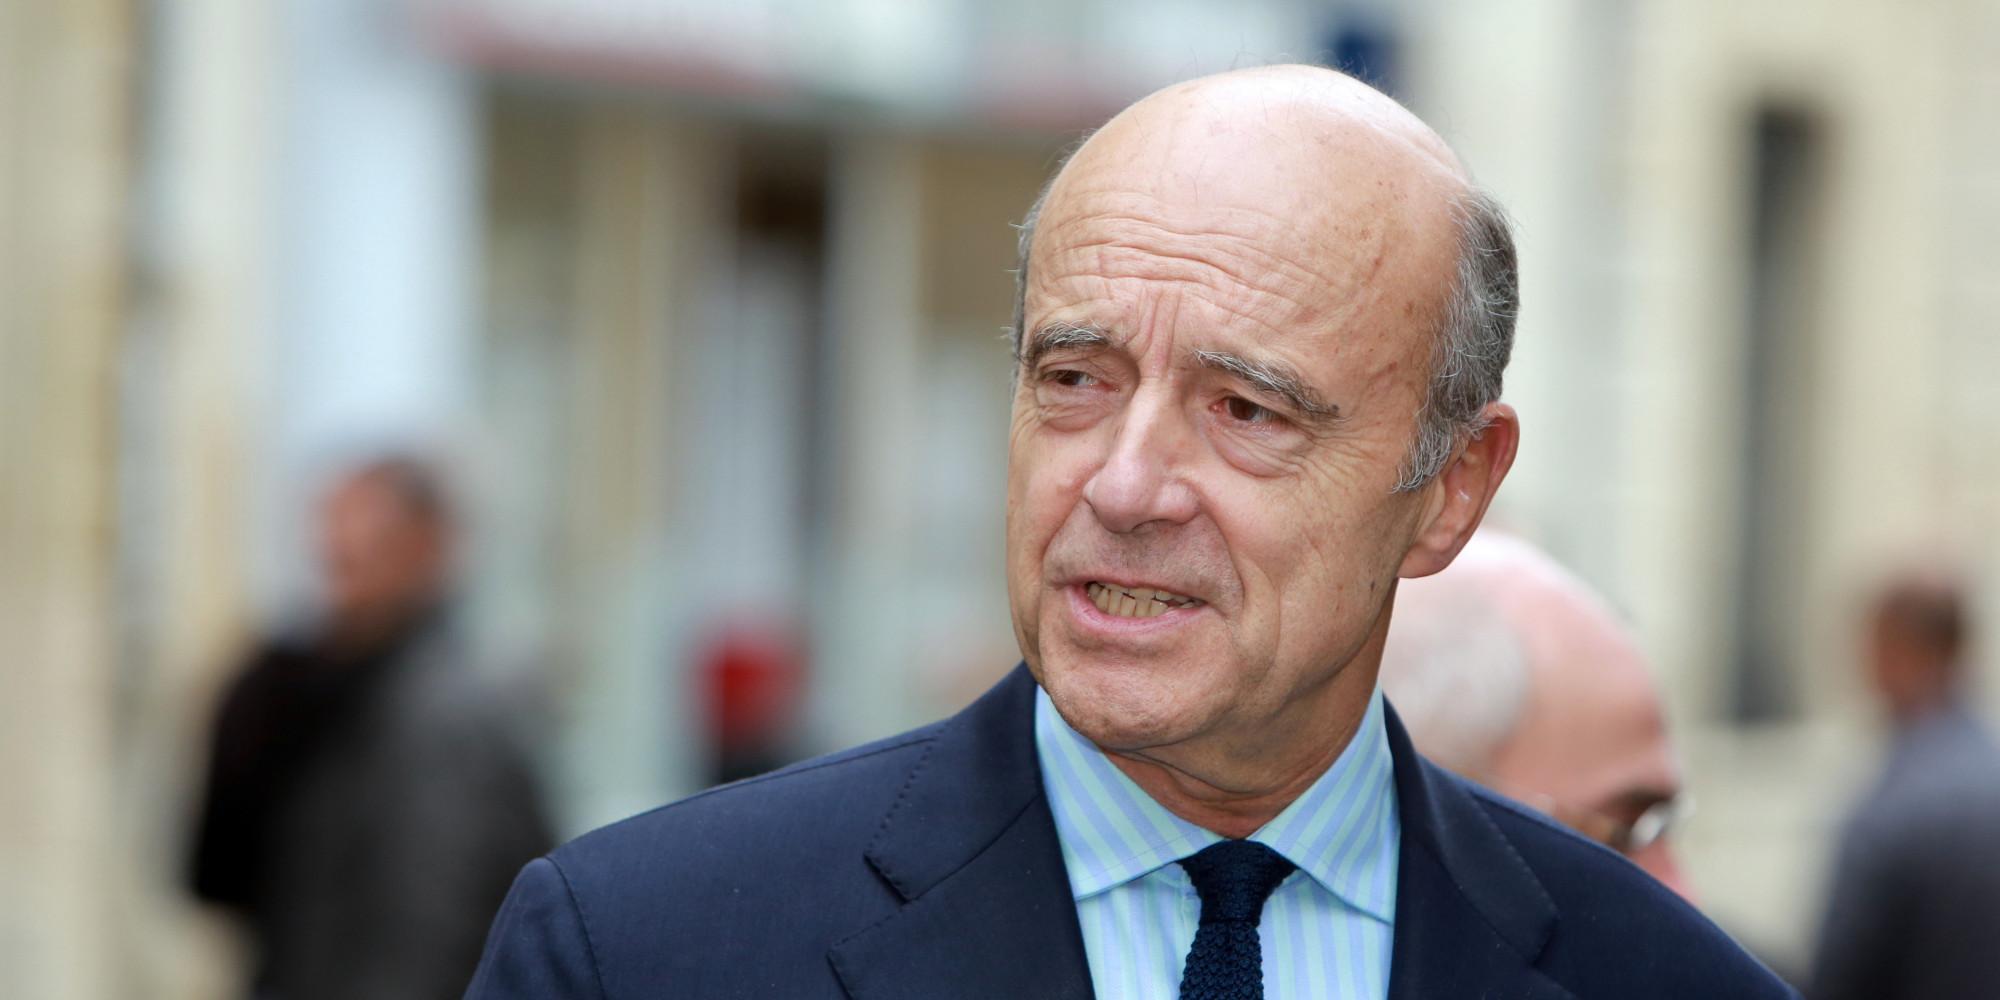 FRANCE-POLITICS-UMP